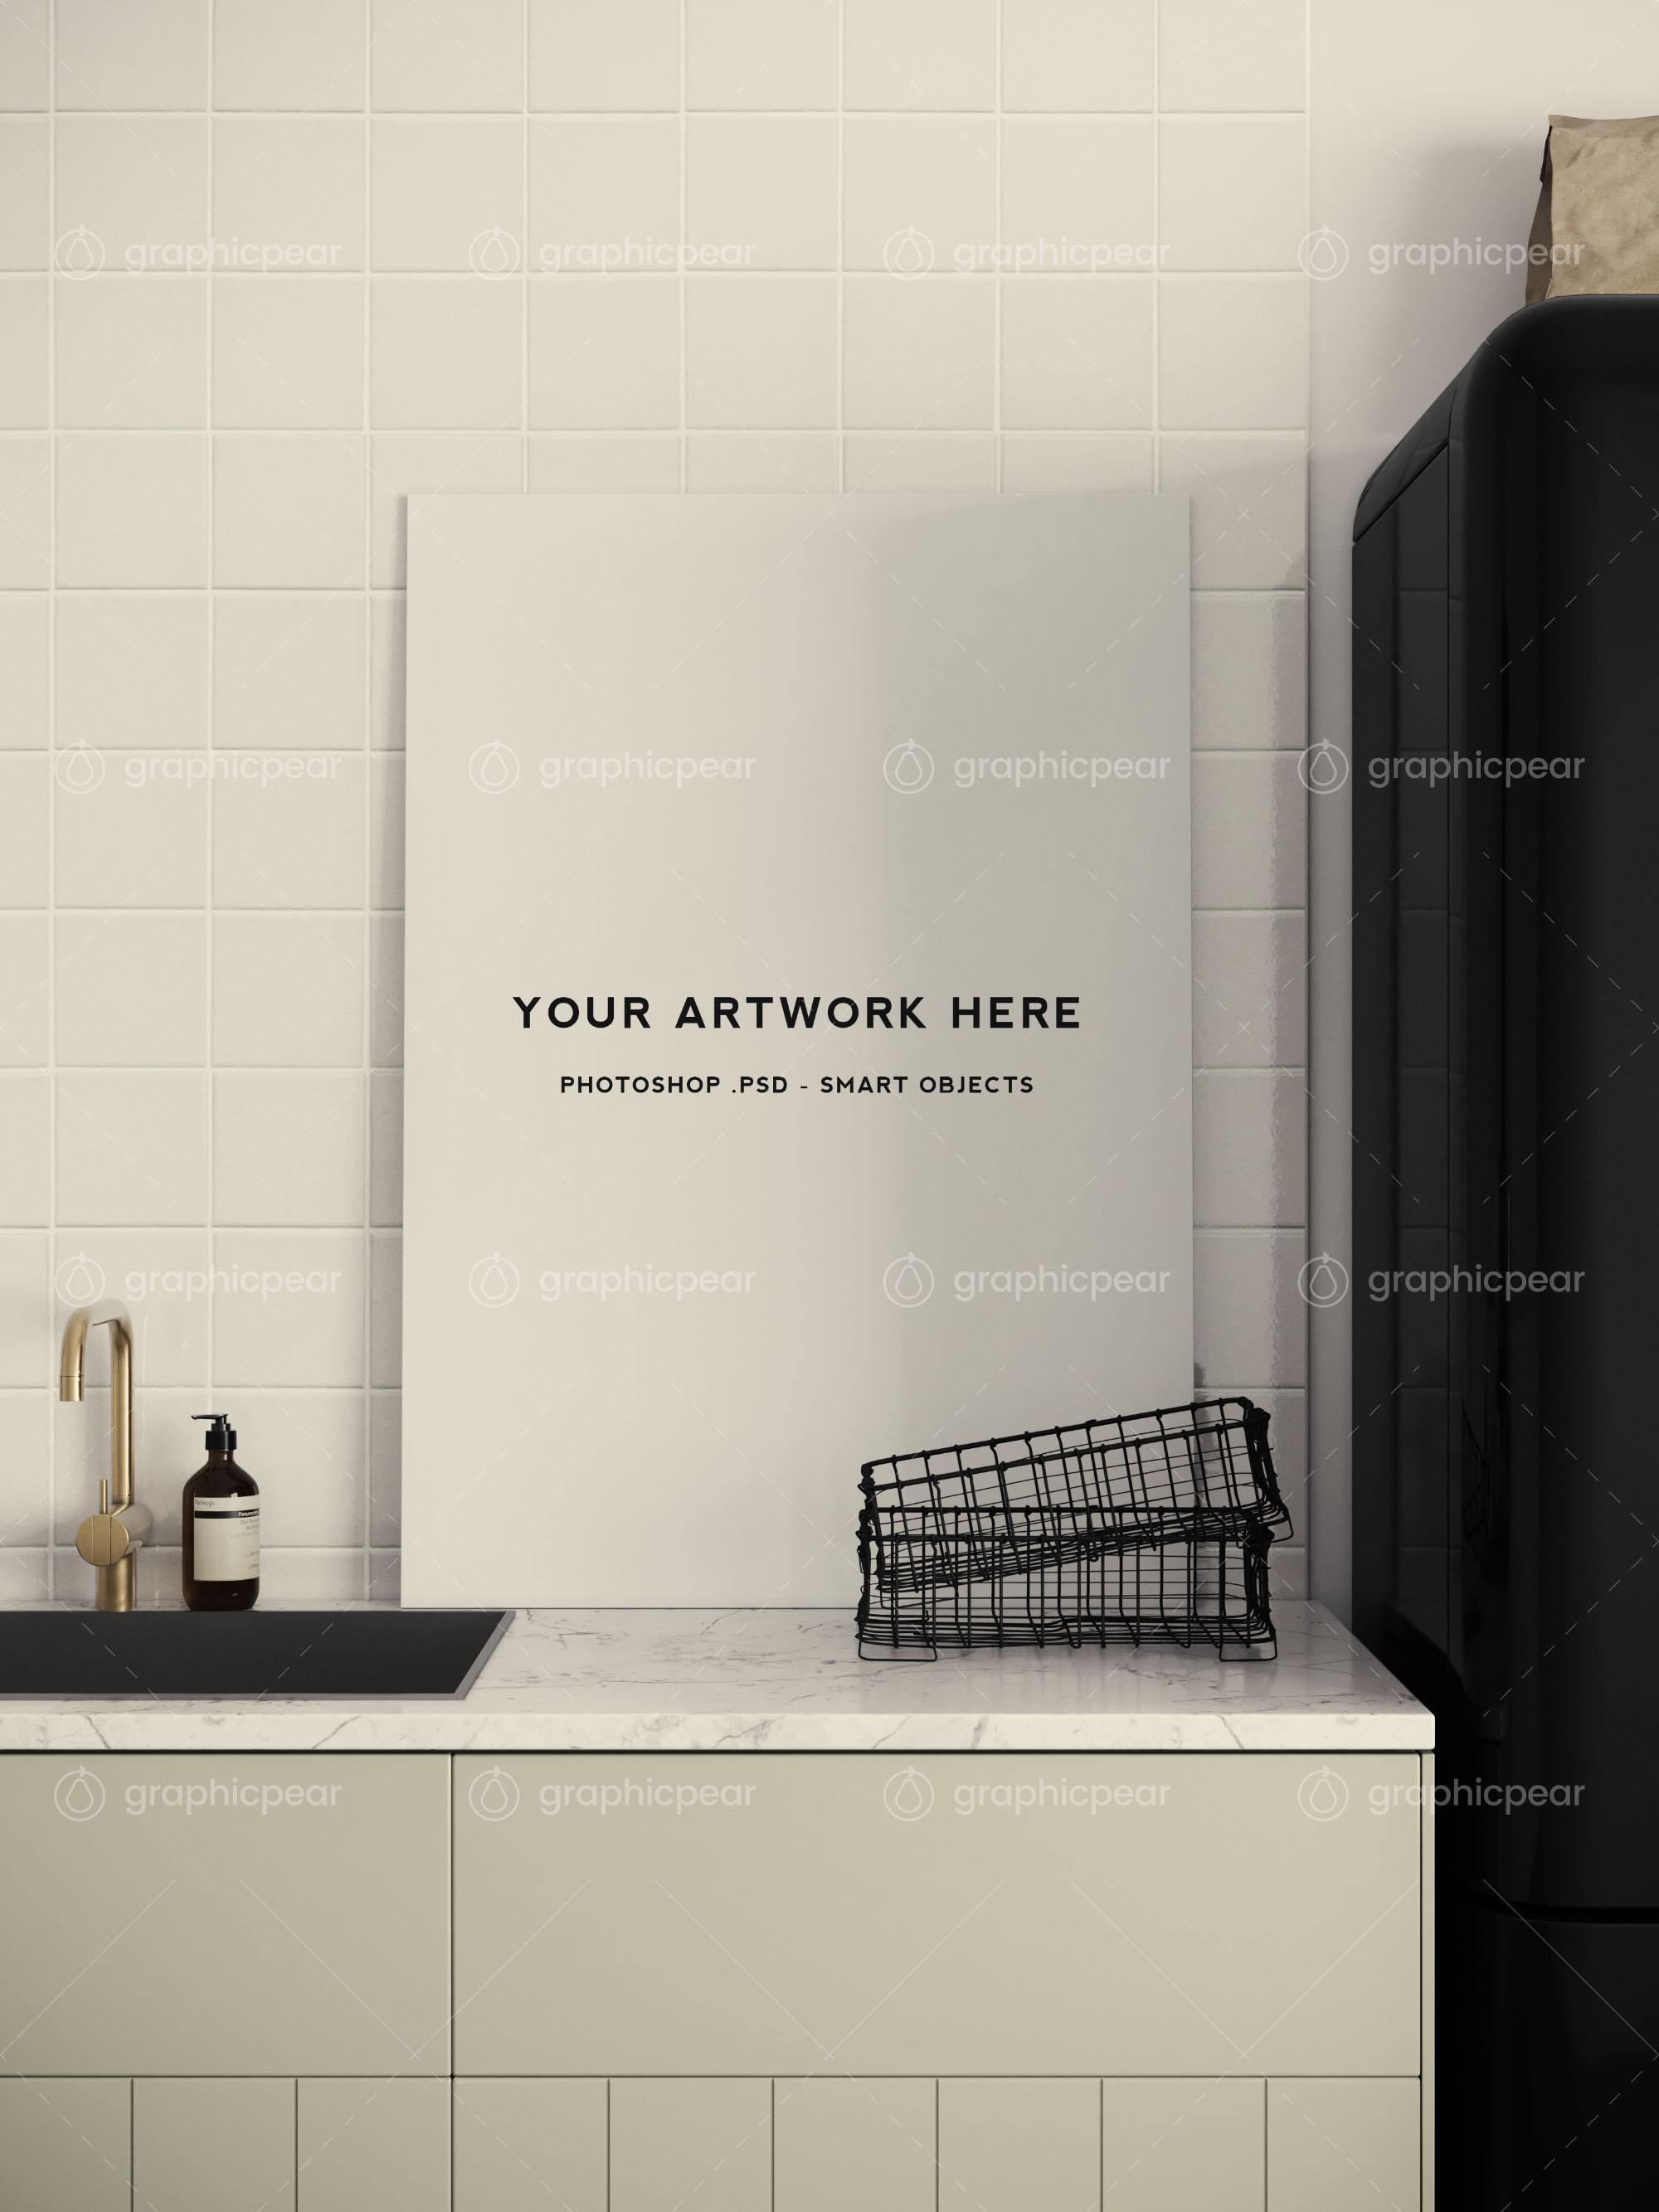 poster mockup in kitchen scene setting